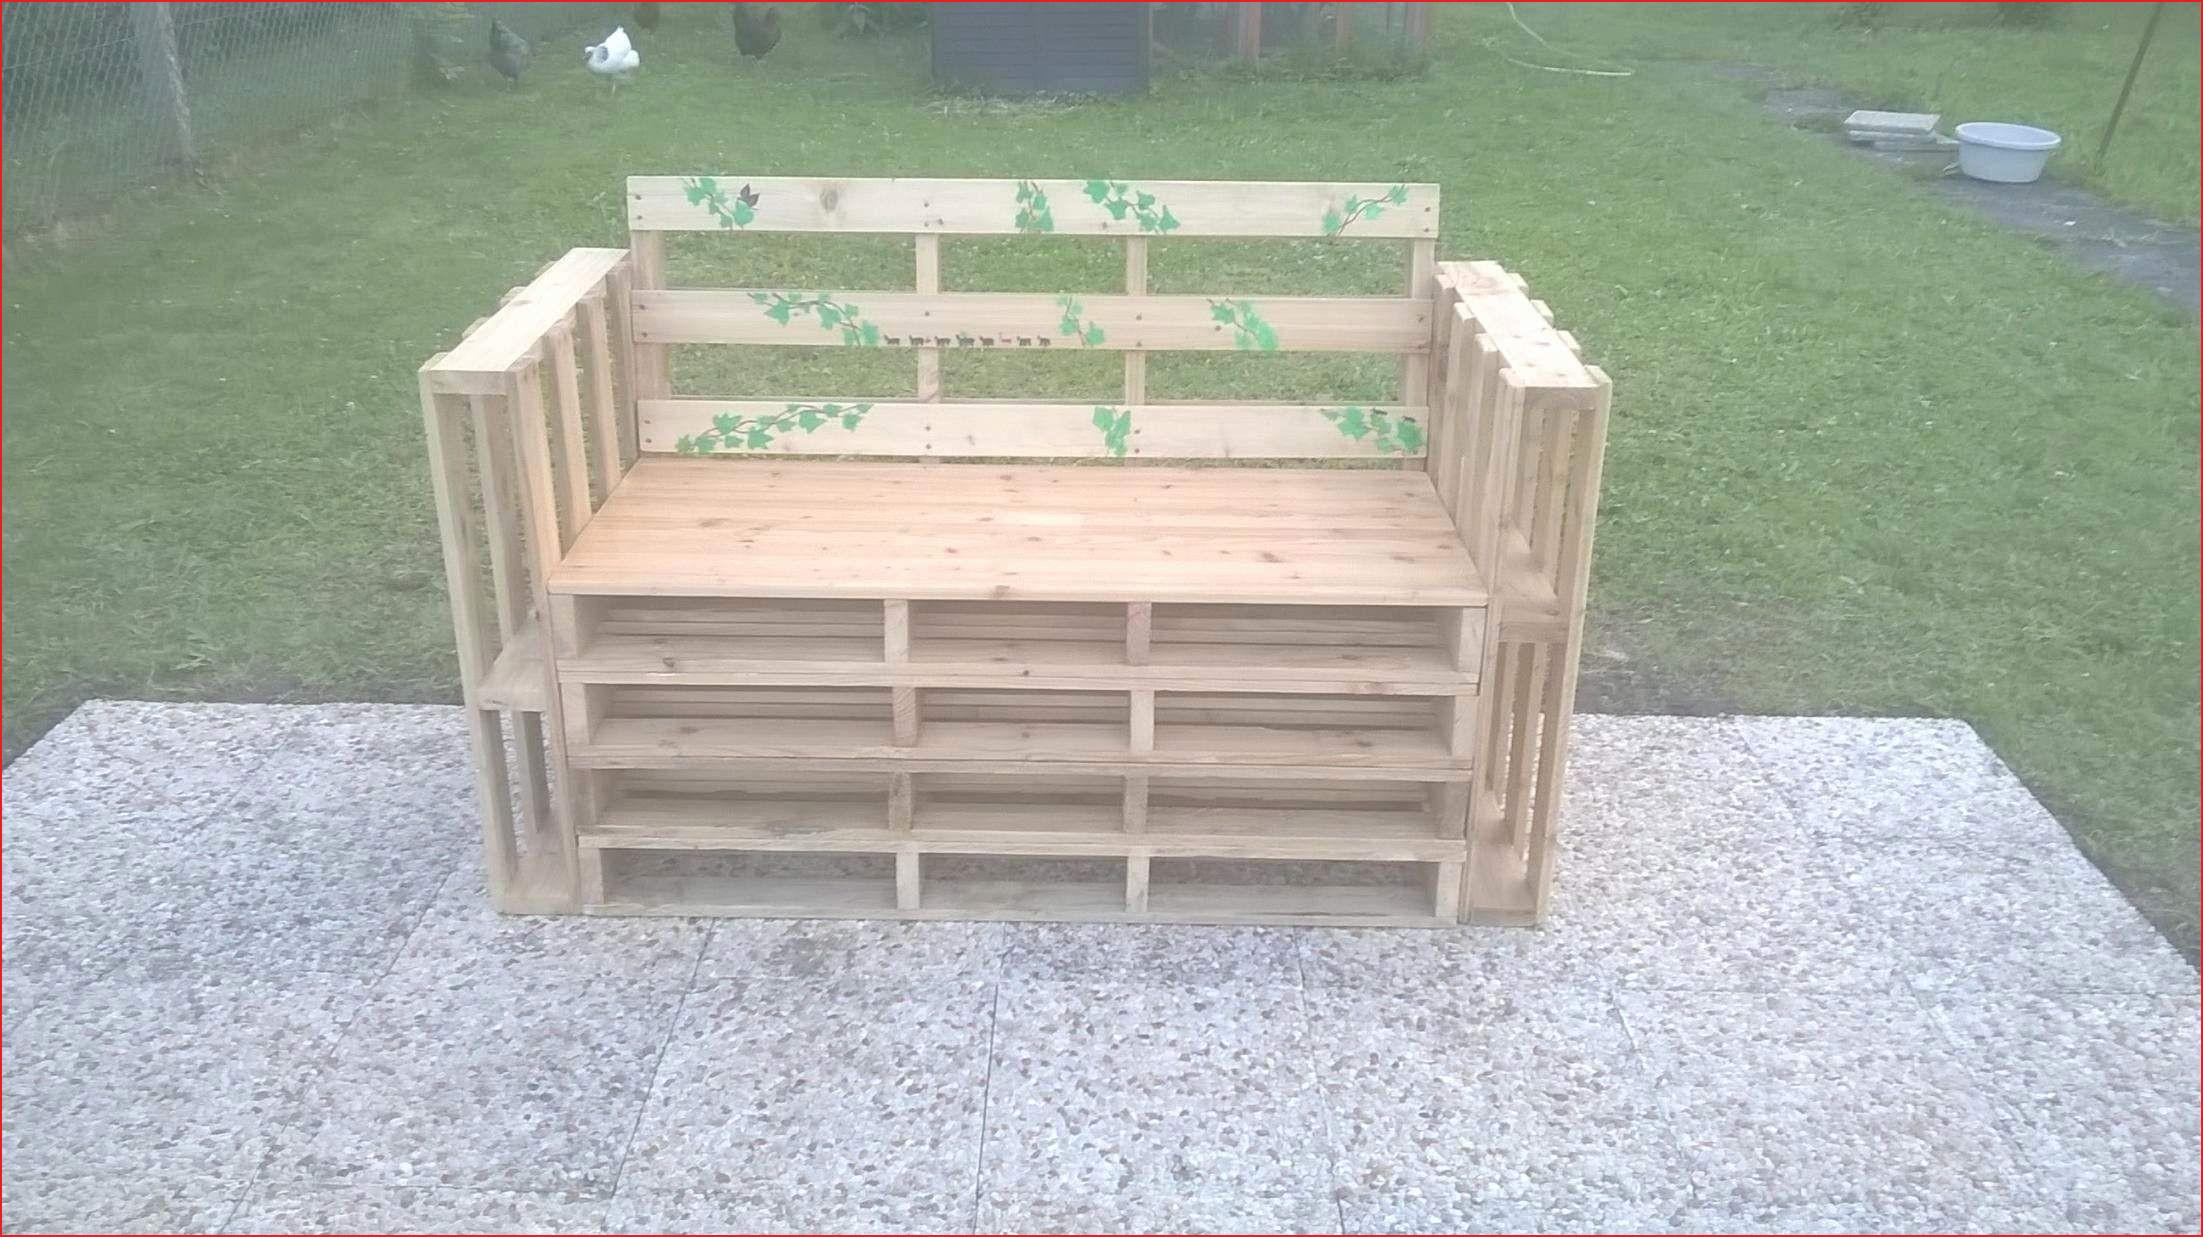 Table Et Banc De Jardin En Bois Unique Innovante Banc Pour Jardin Image De Jardin Décoratif Of 23 Frais Table Et Banc De Jardin En Bois